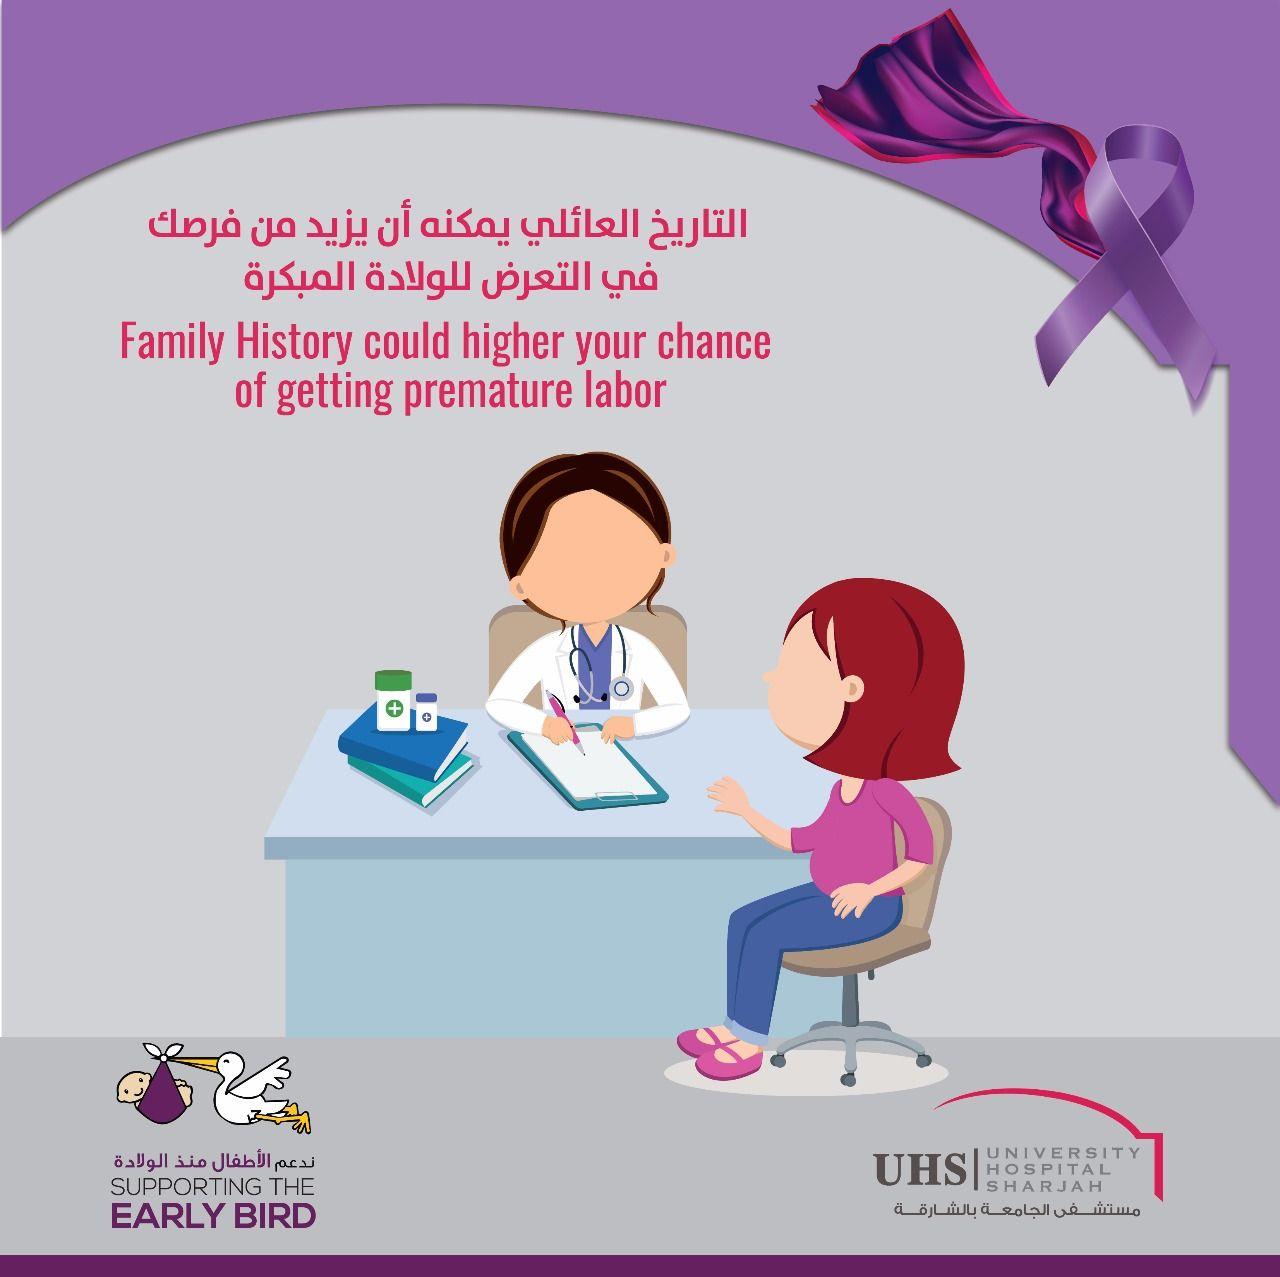 راجعي تاريخك الطبي العائلي واحصلي على فحص مبكر لتجنب فرصة التعرض للولادة المبكرة Check Your Fa Prematurity Awareness Month Prematurity Awareness Preterm Labor